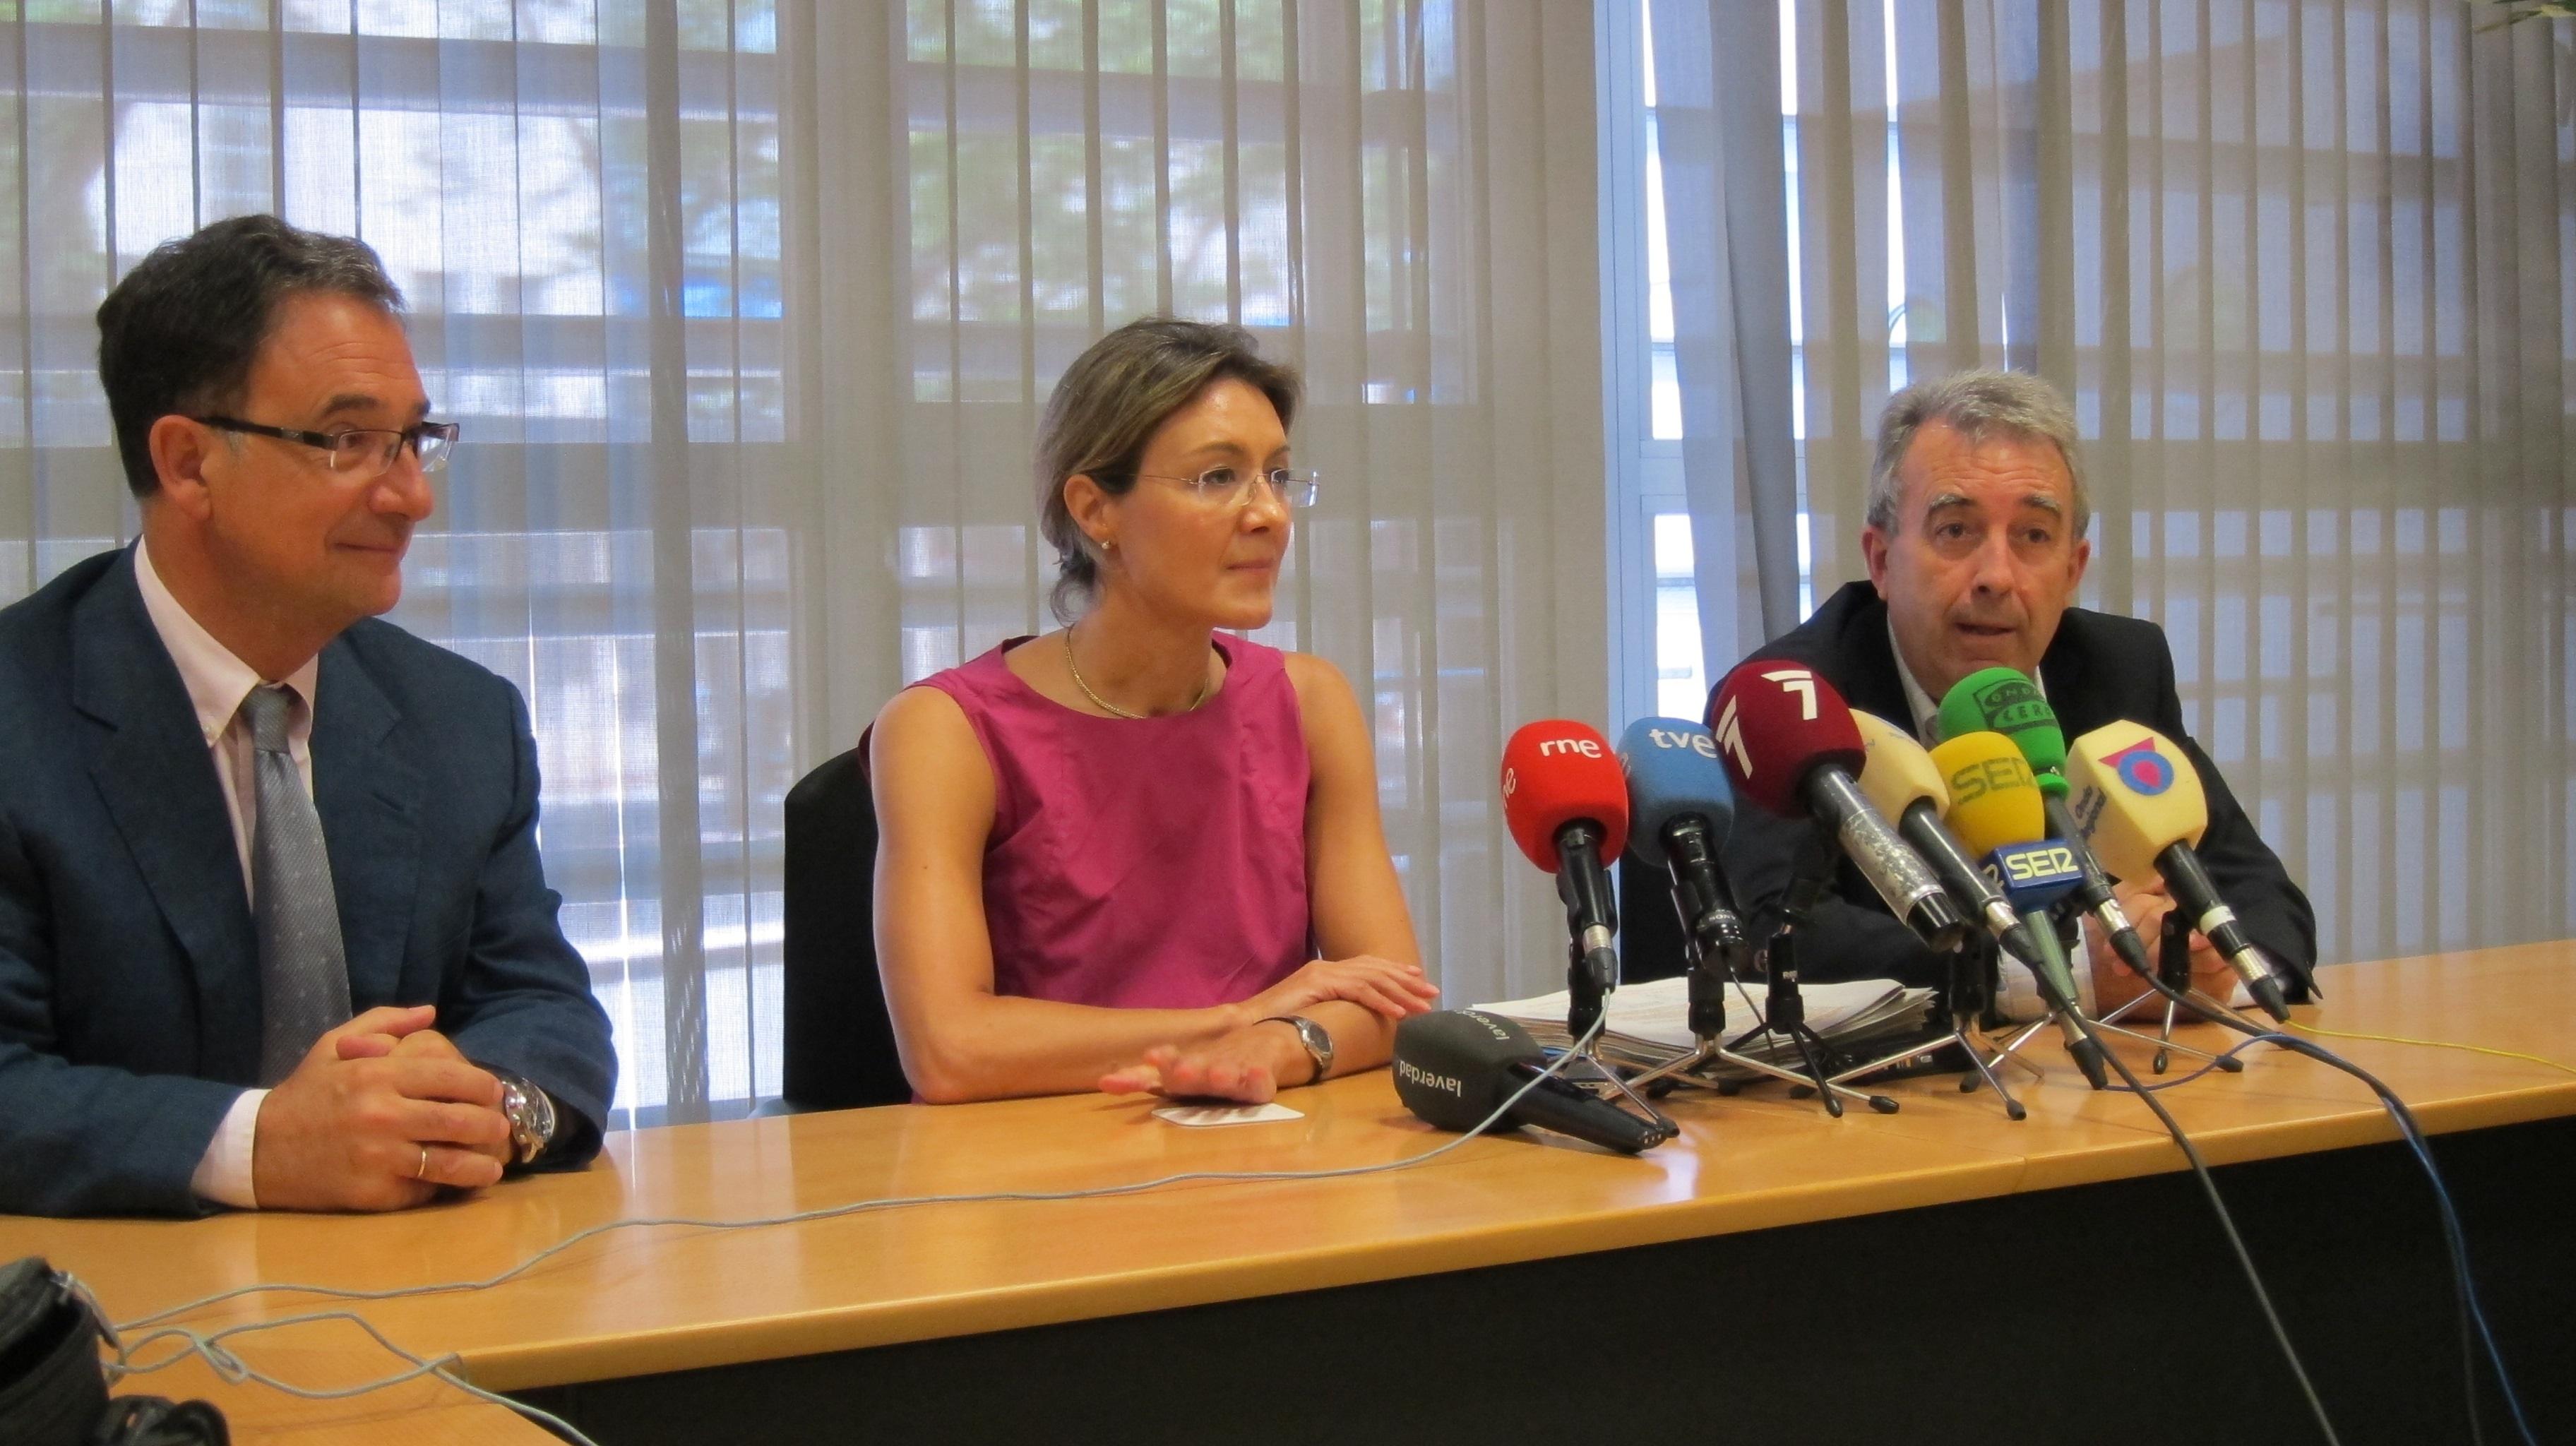 Secretaria general Ministerio Agricultura destaca que España ha conseguido cubrir casi totalidad objetivos reforma PAC